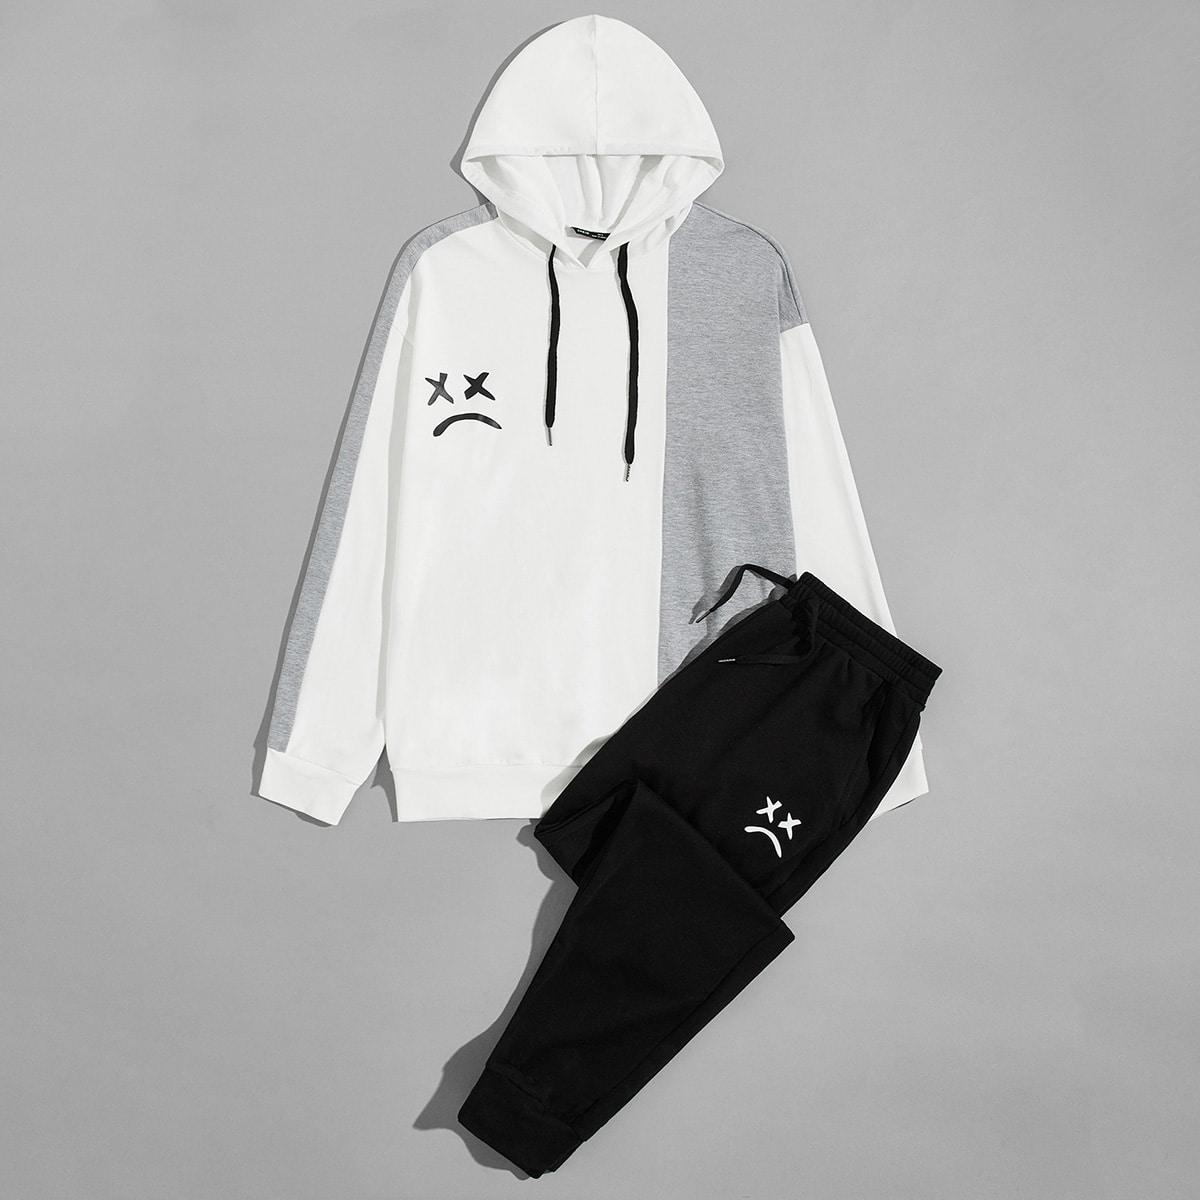 Мужские спортивные брюки и толстовка с мультипликационным рисунком